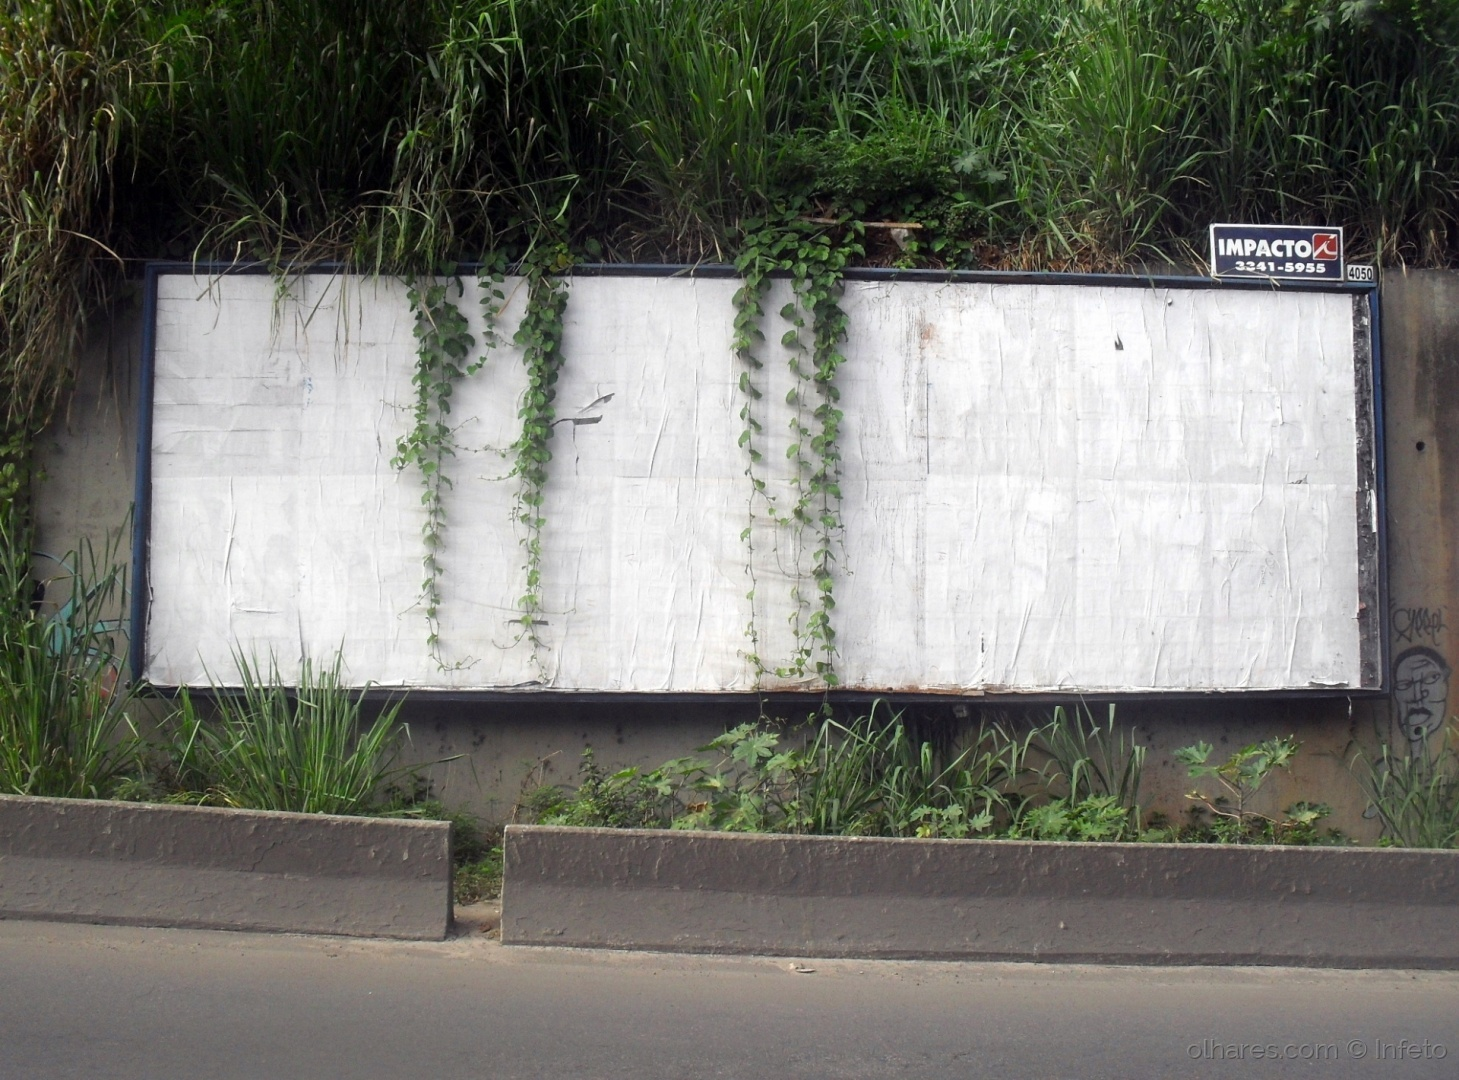 Paisagem Urbana/Outdoor natural